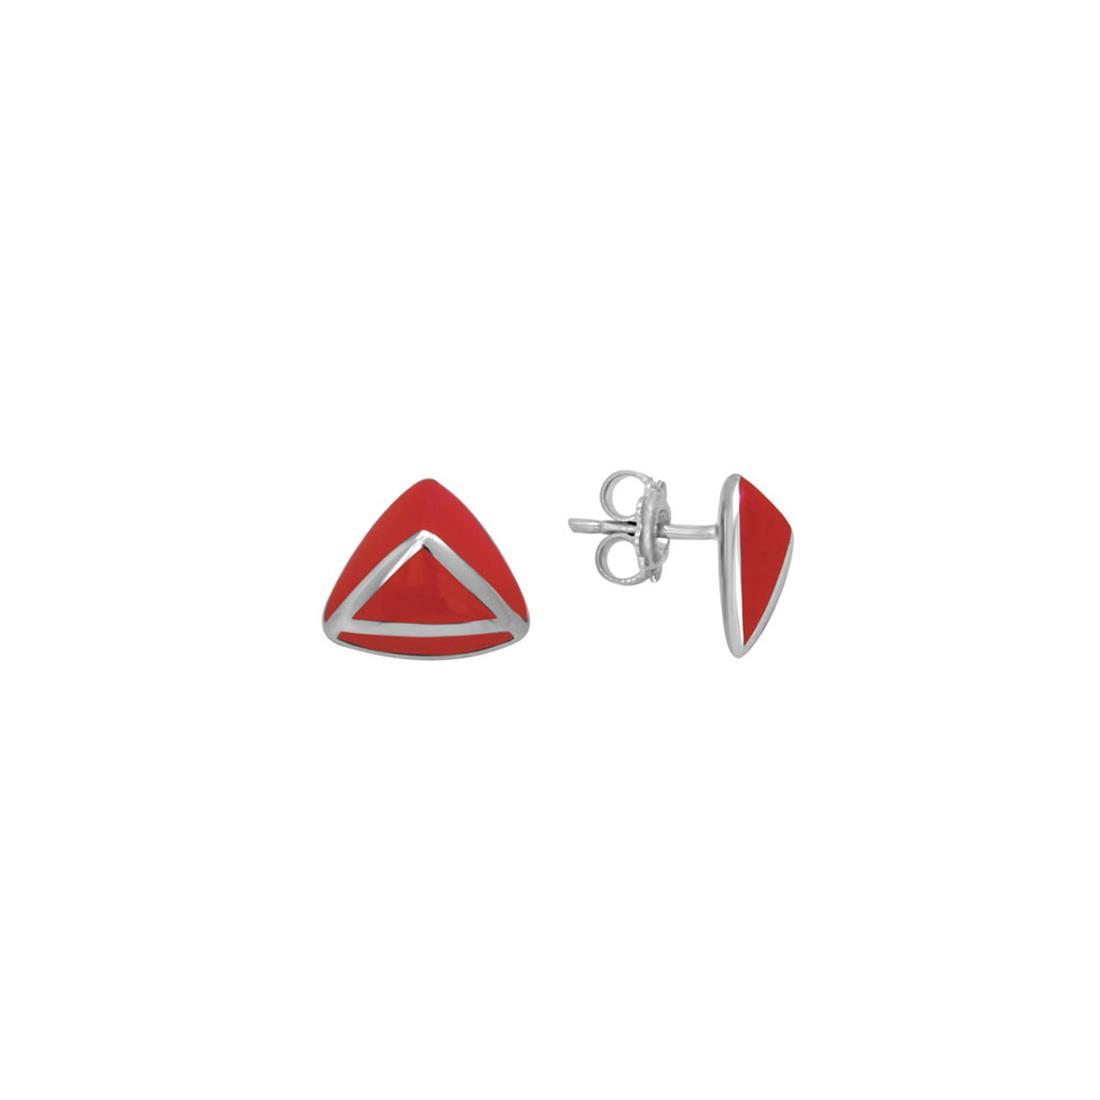 Orecchini in argento e smalto rosso - ALFIERI & ST. JOHN 925